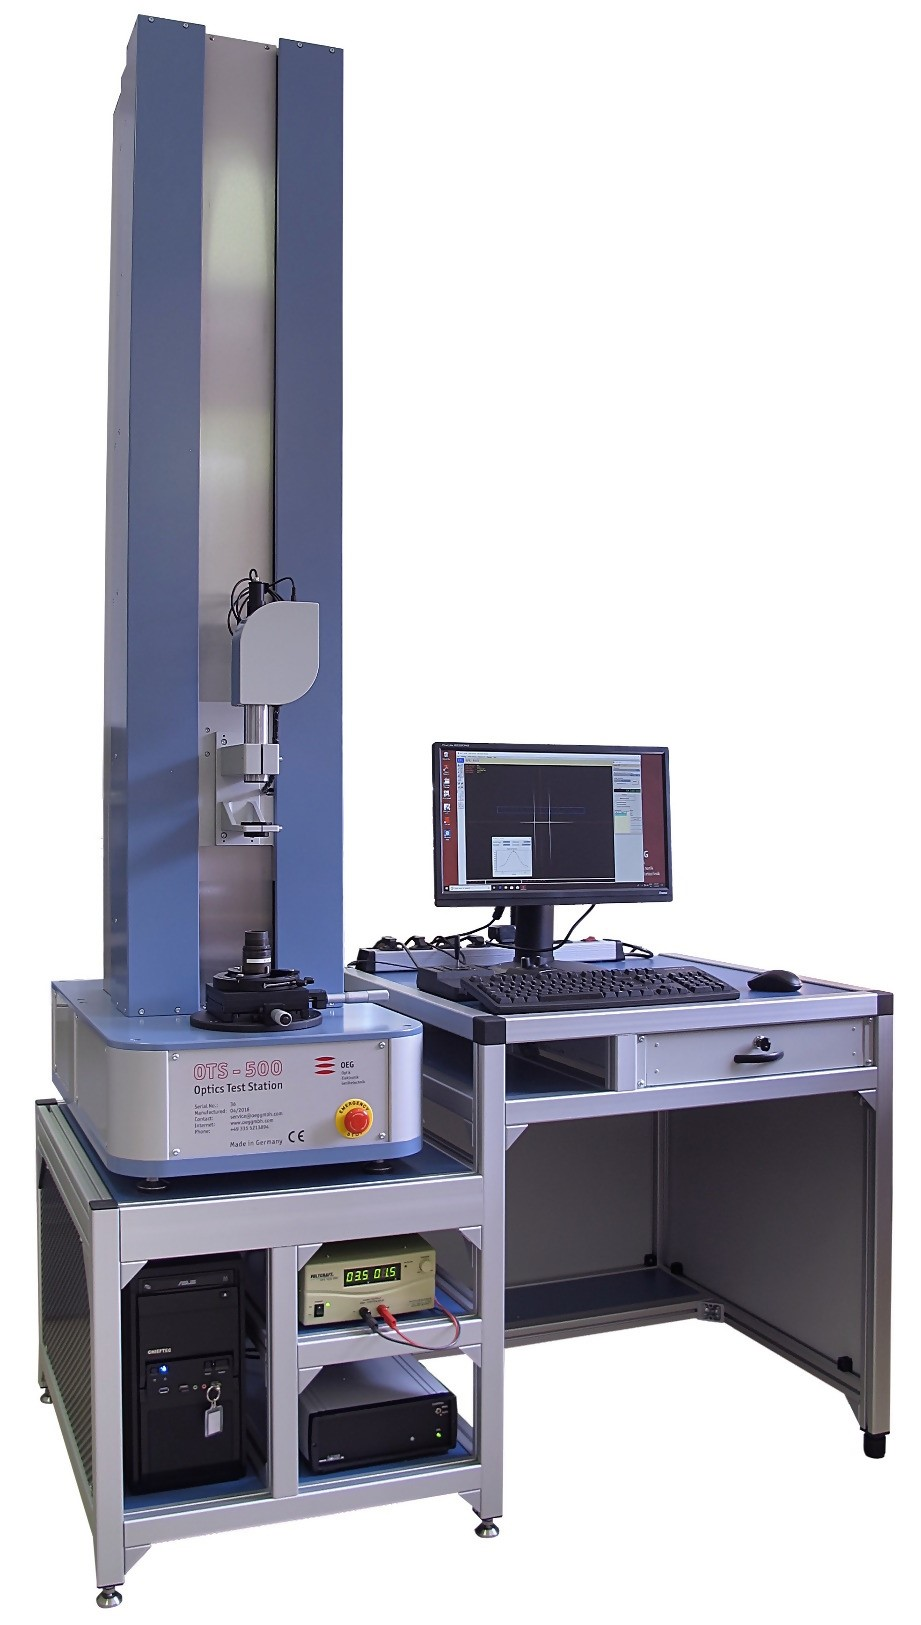 Optics Test Station OTS 200 and OTS 500